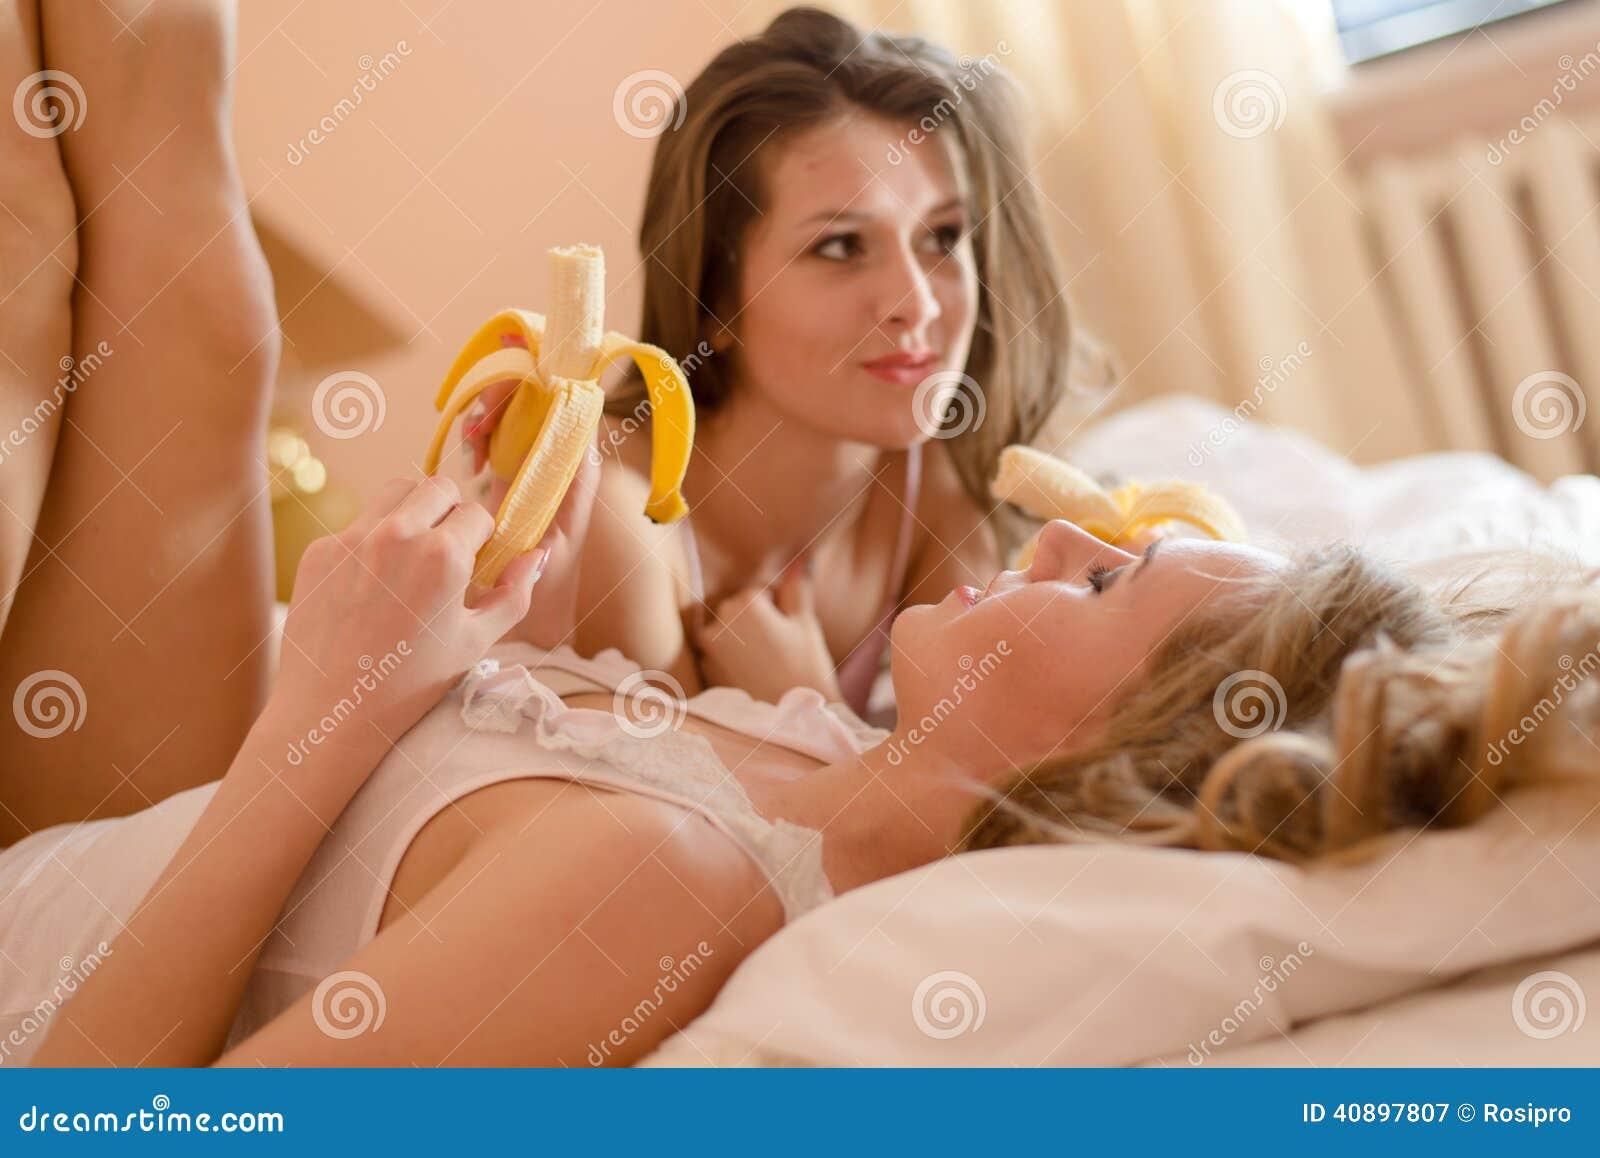 femmes nues porno